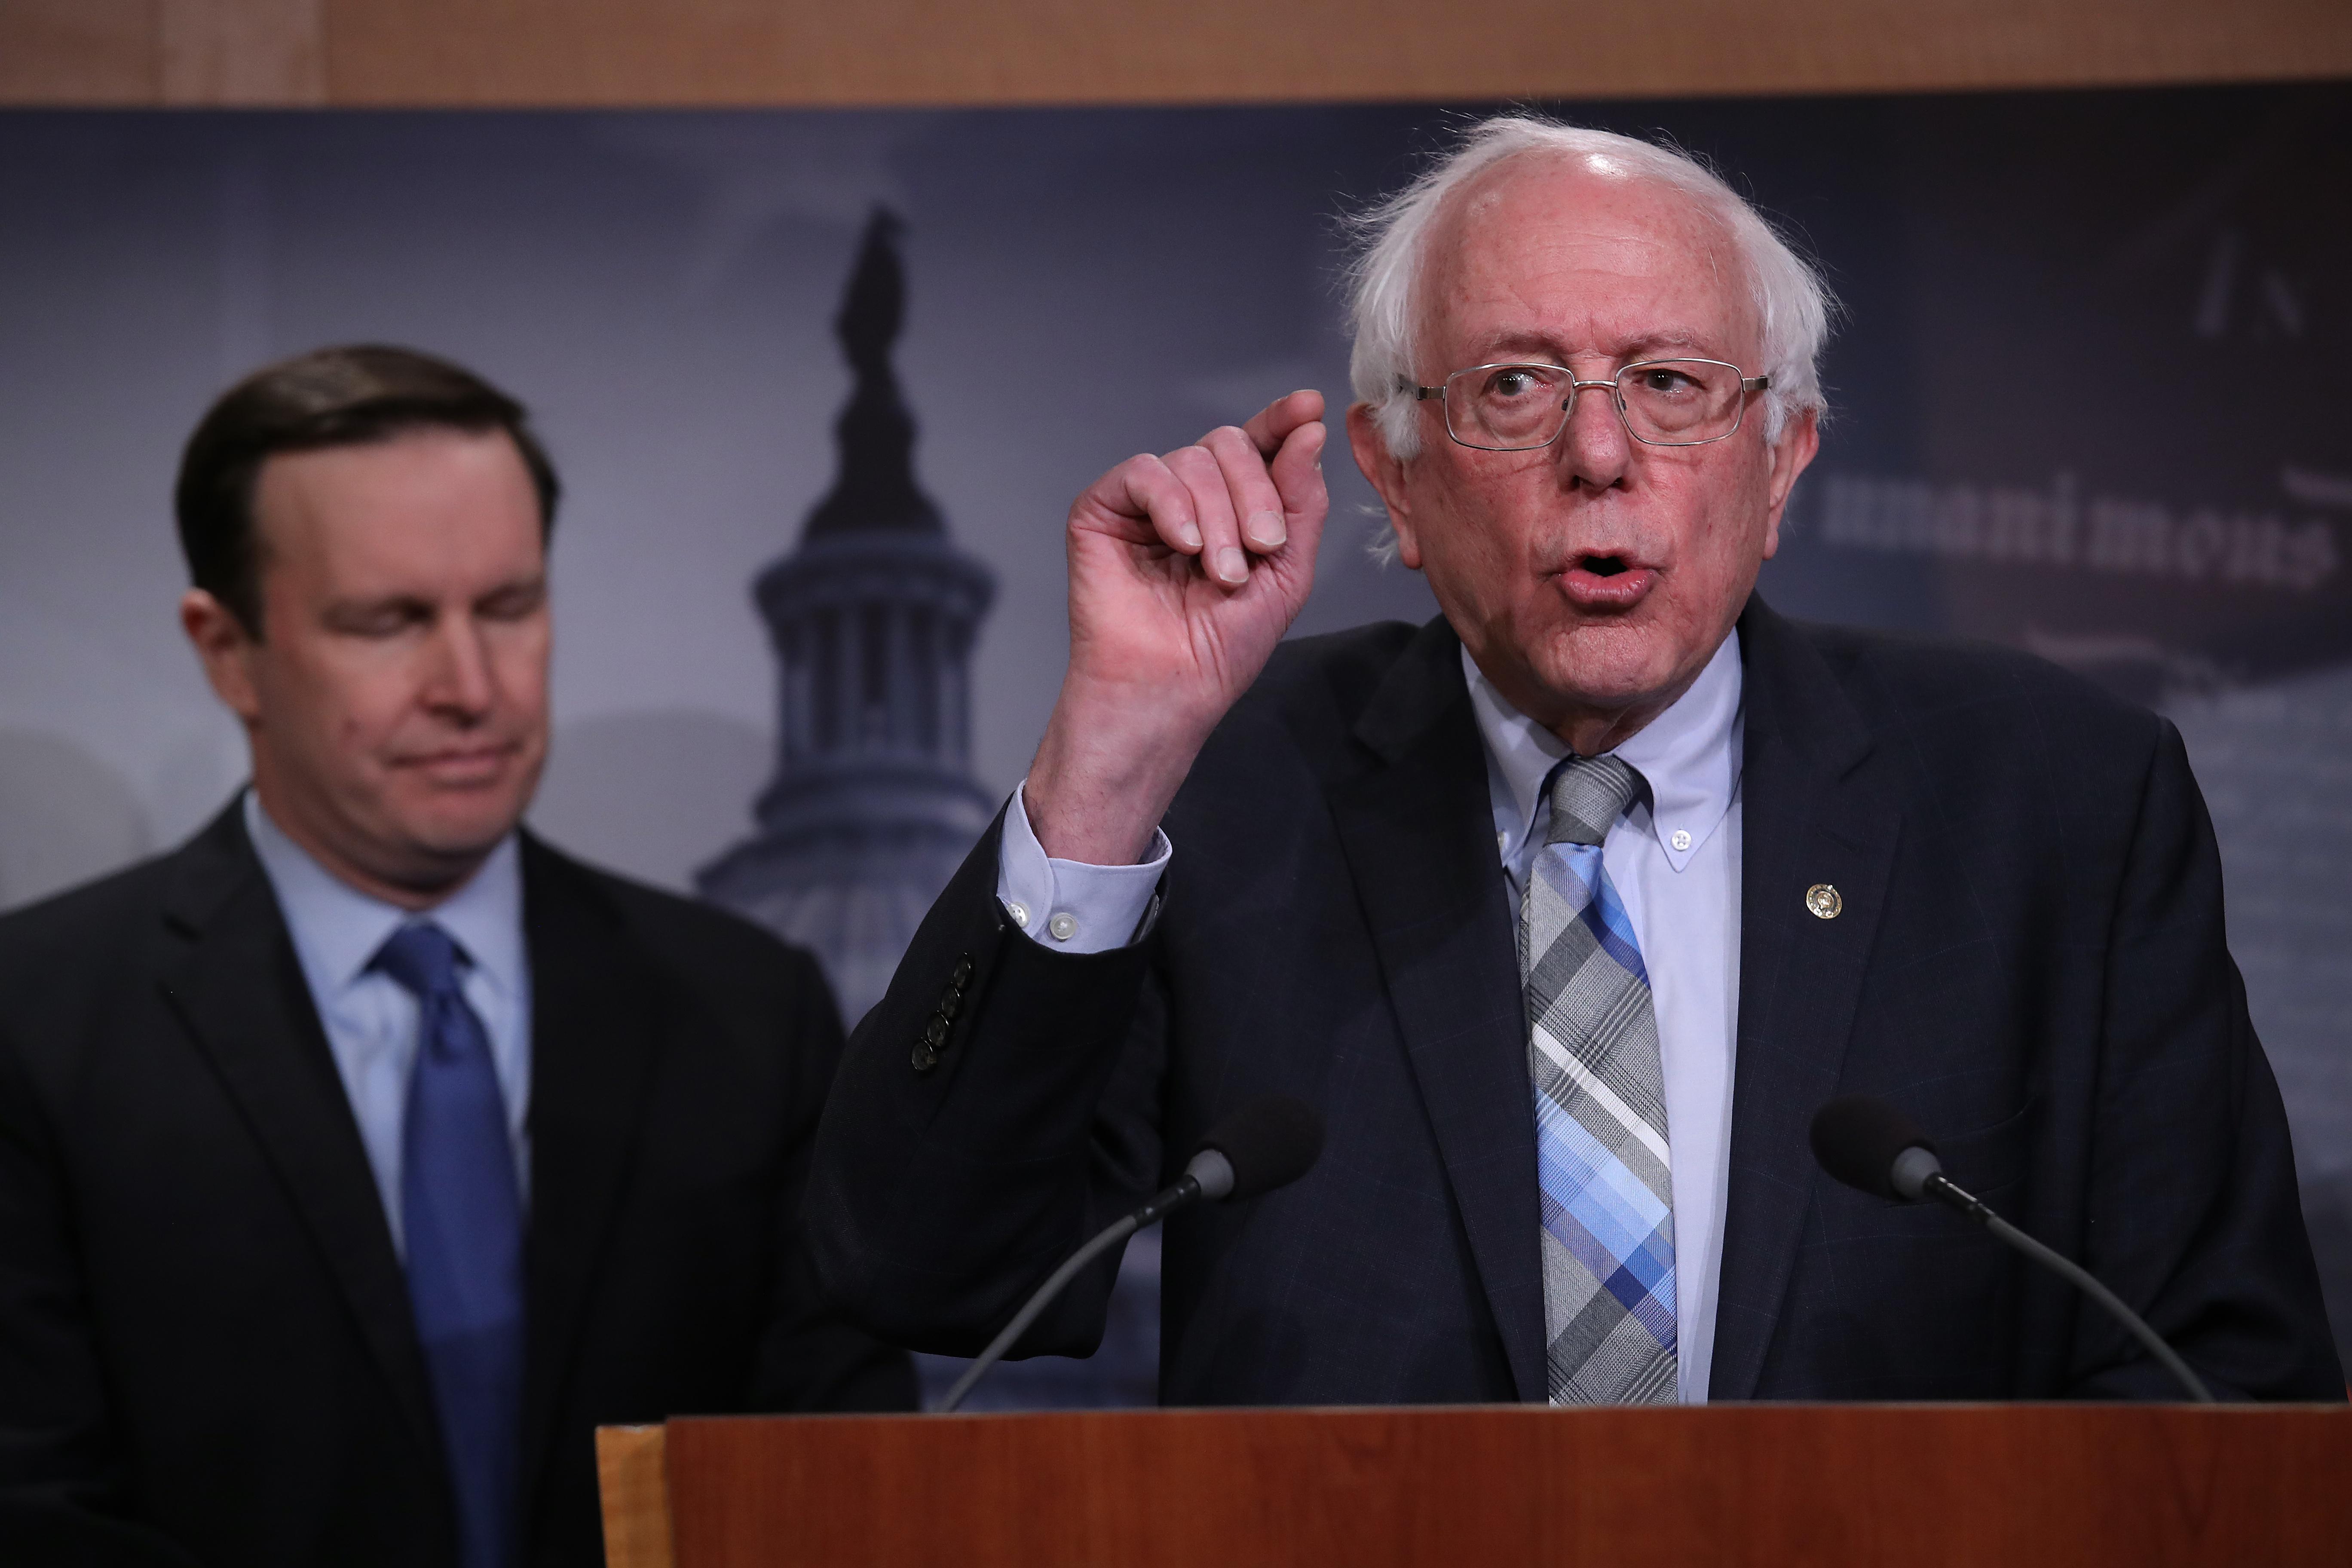 佛蒙特州聯邦參議員伯尼‧桑德斯(Bernie Sanders)周二(2月19日)宣佈,他將在2020年再次競選總統。桑德斯曾在2016年的總統初選中敗給希拉莉,無緣入主白宮。此次將是桑德斯第二次爭取獲得2020大選的民主黨提名。圖為桑德斯。(Photo by Win McNamee/Getty Images)